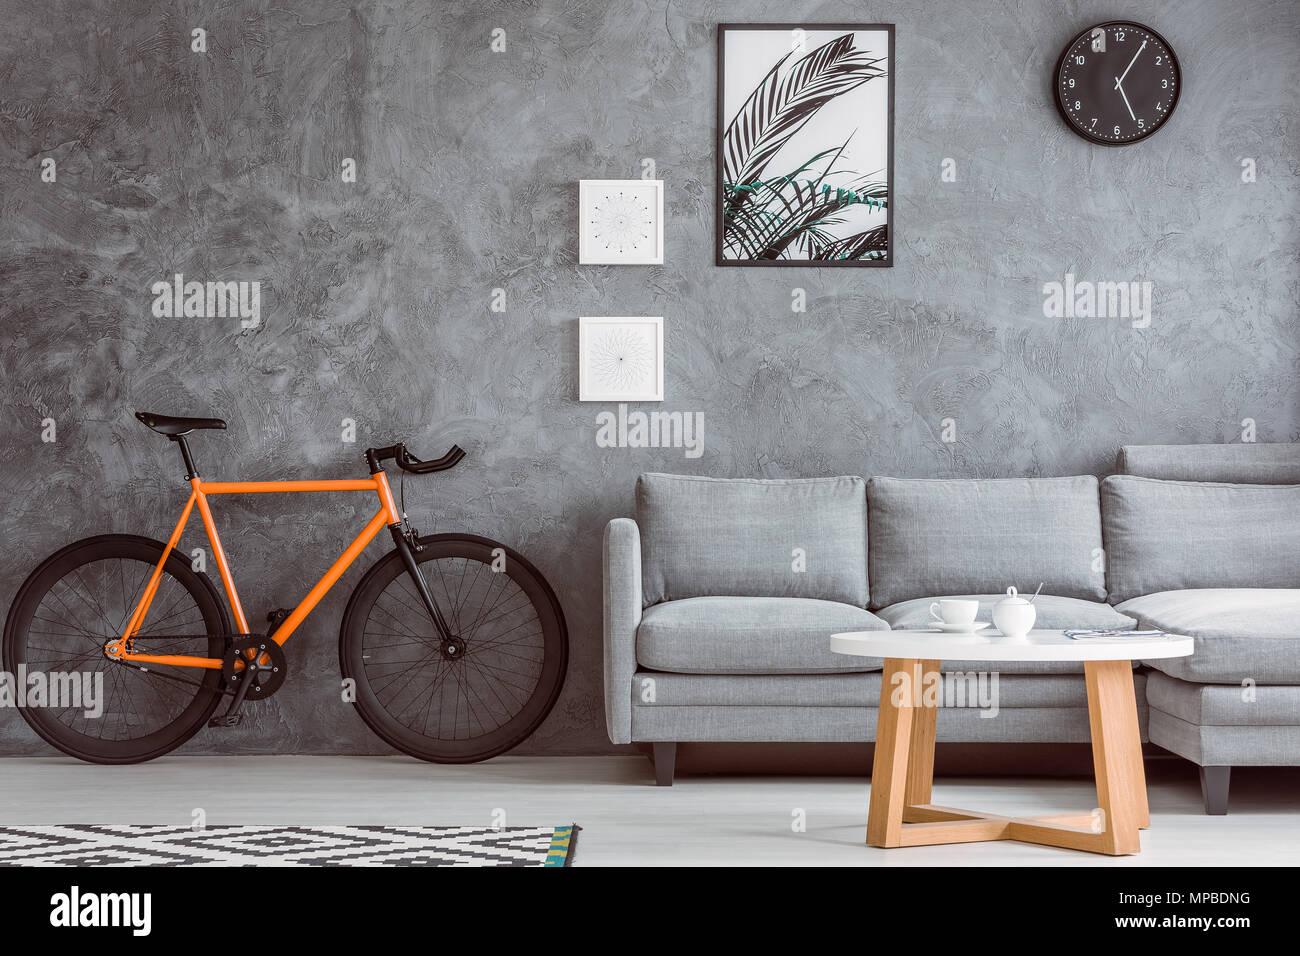 Orange bike Neben grau Sofa im Wohnzimmer mit Tisch, schwarz, Wecker ...